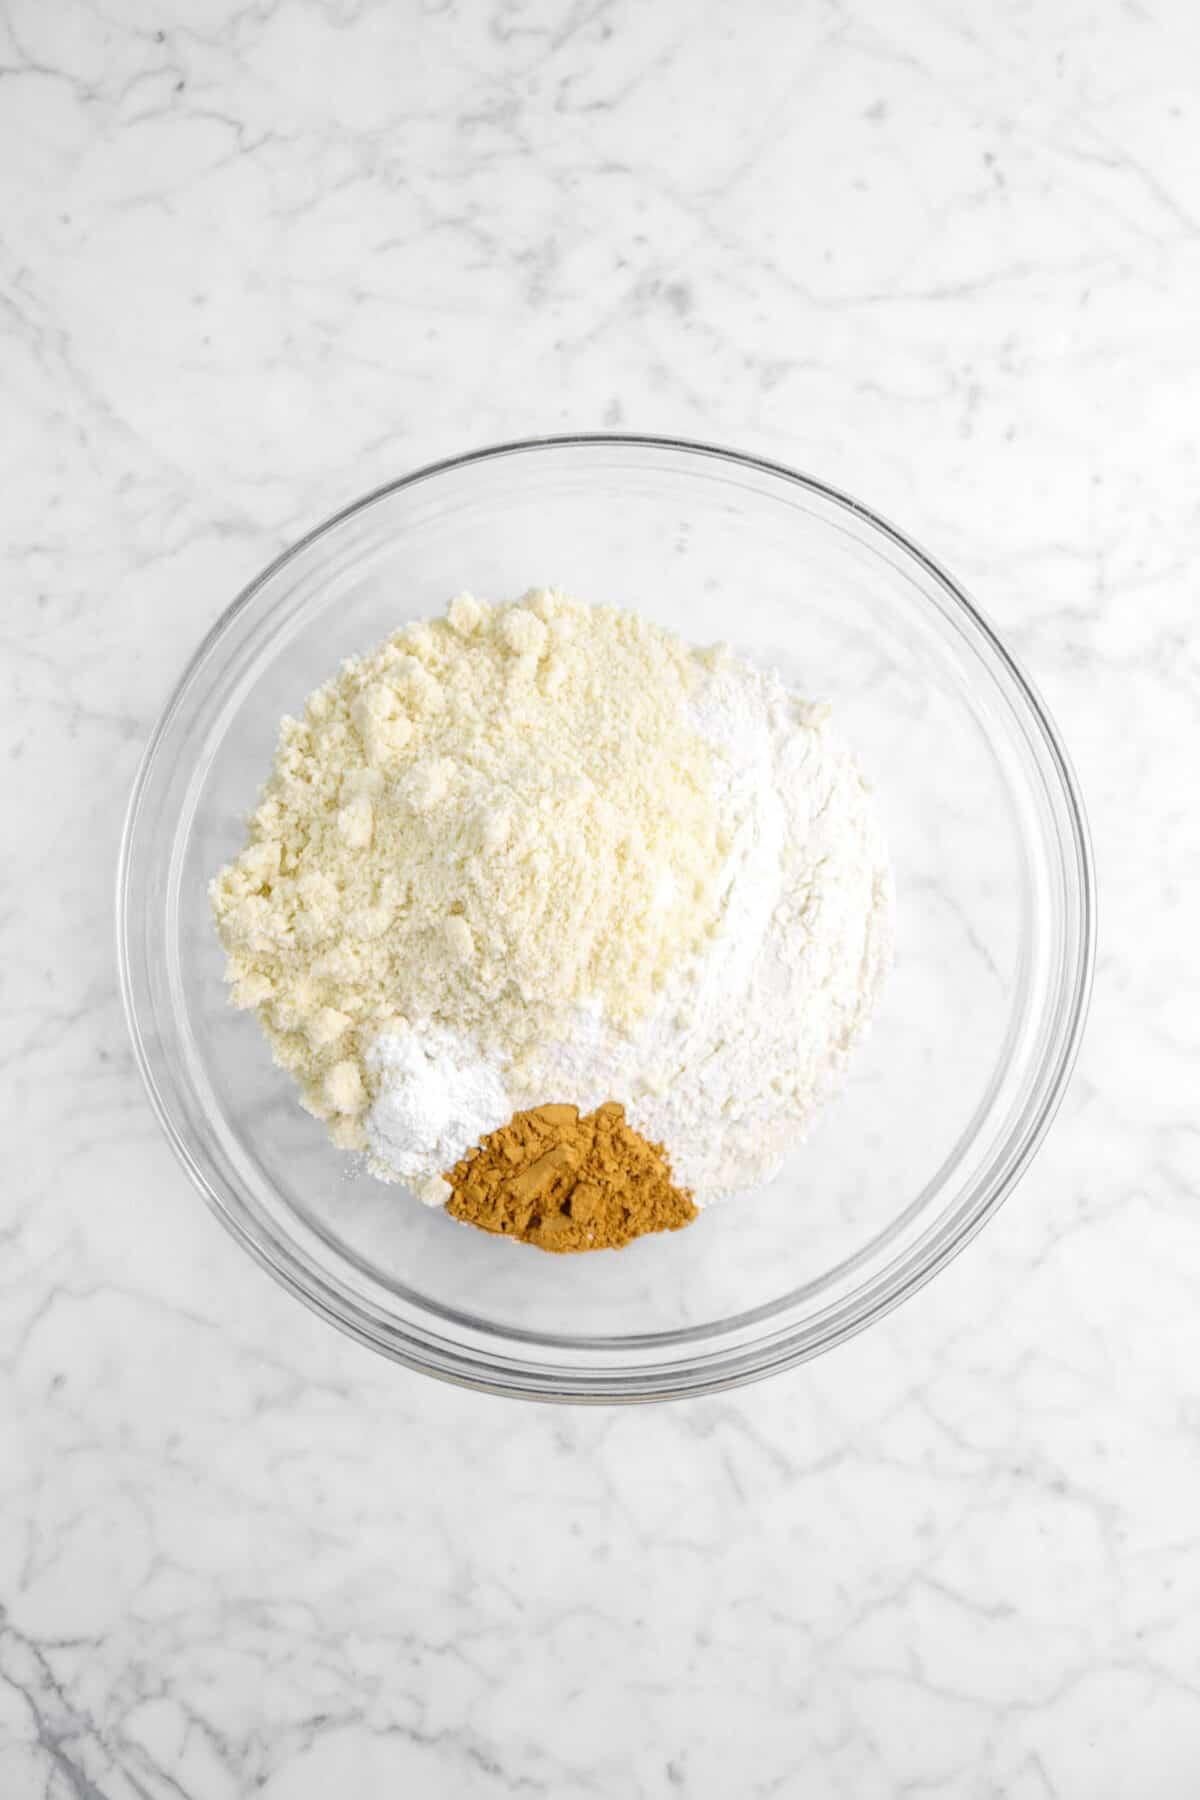 flour, almond flour, baking powder, and cinnamon